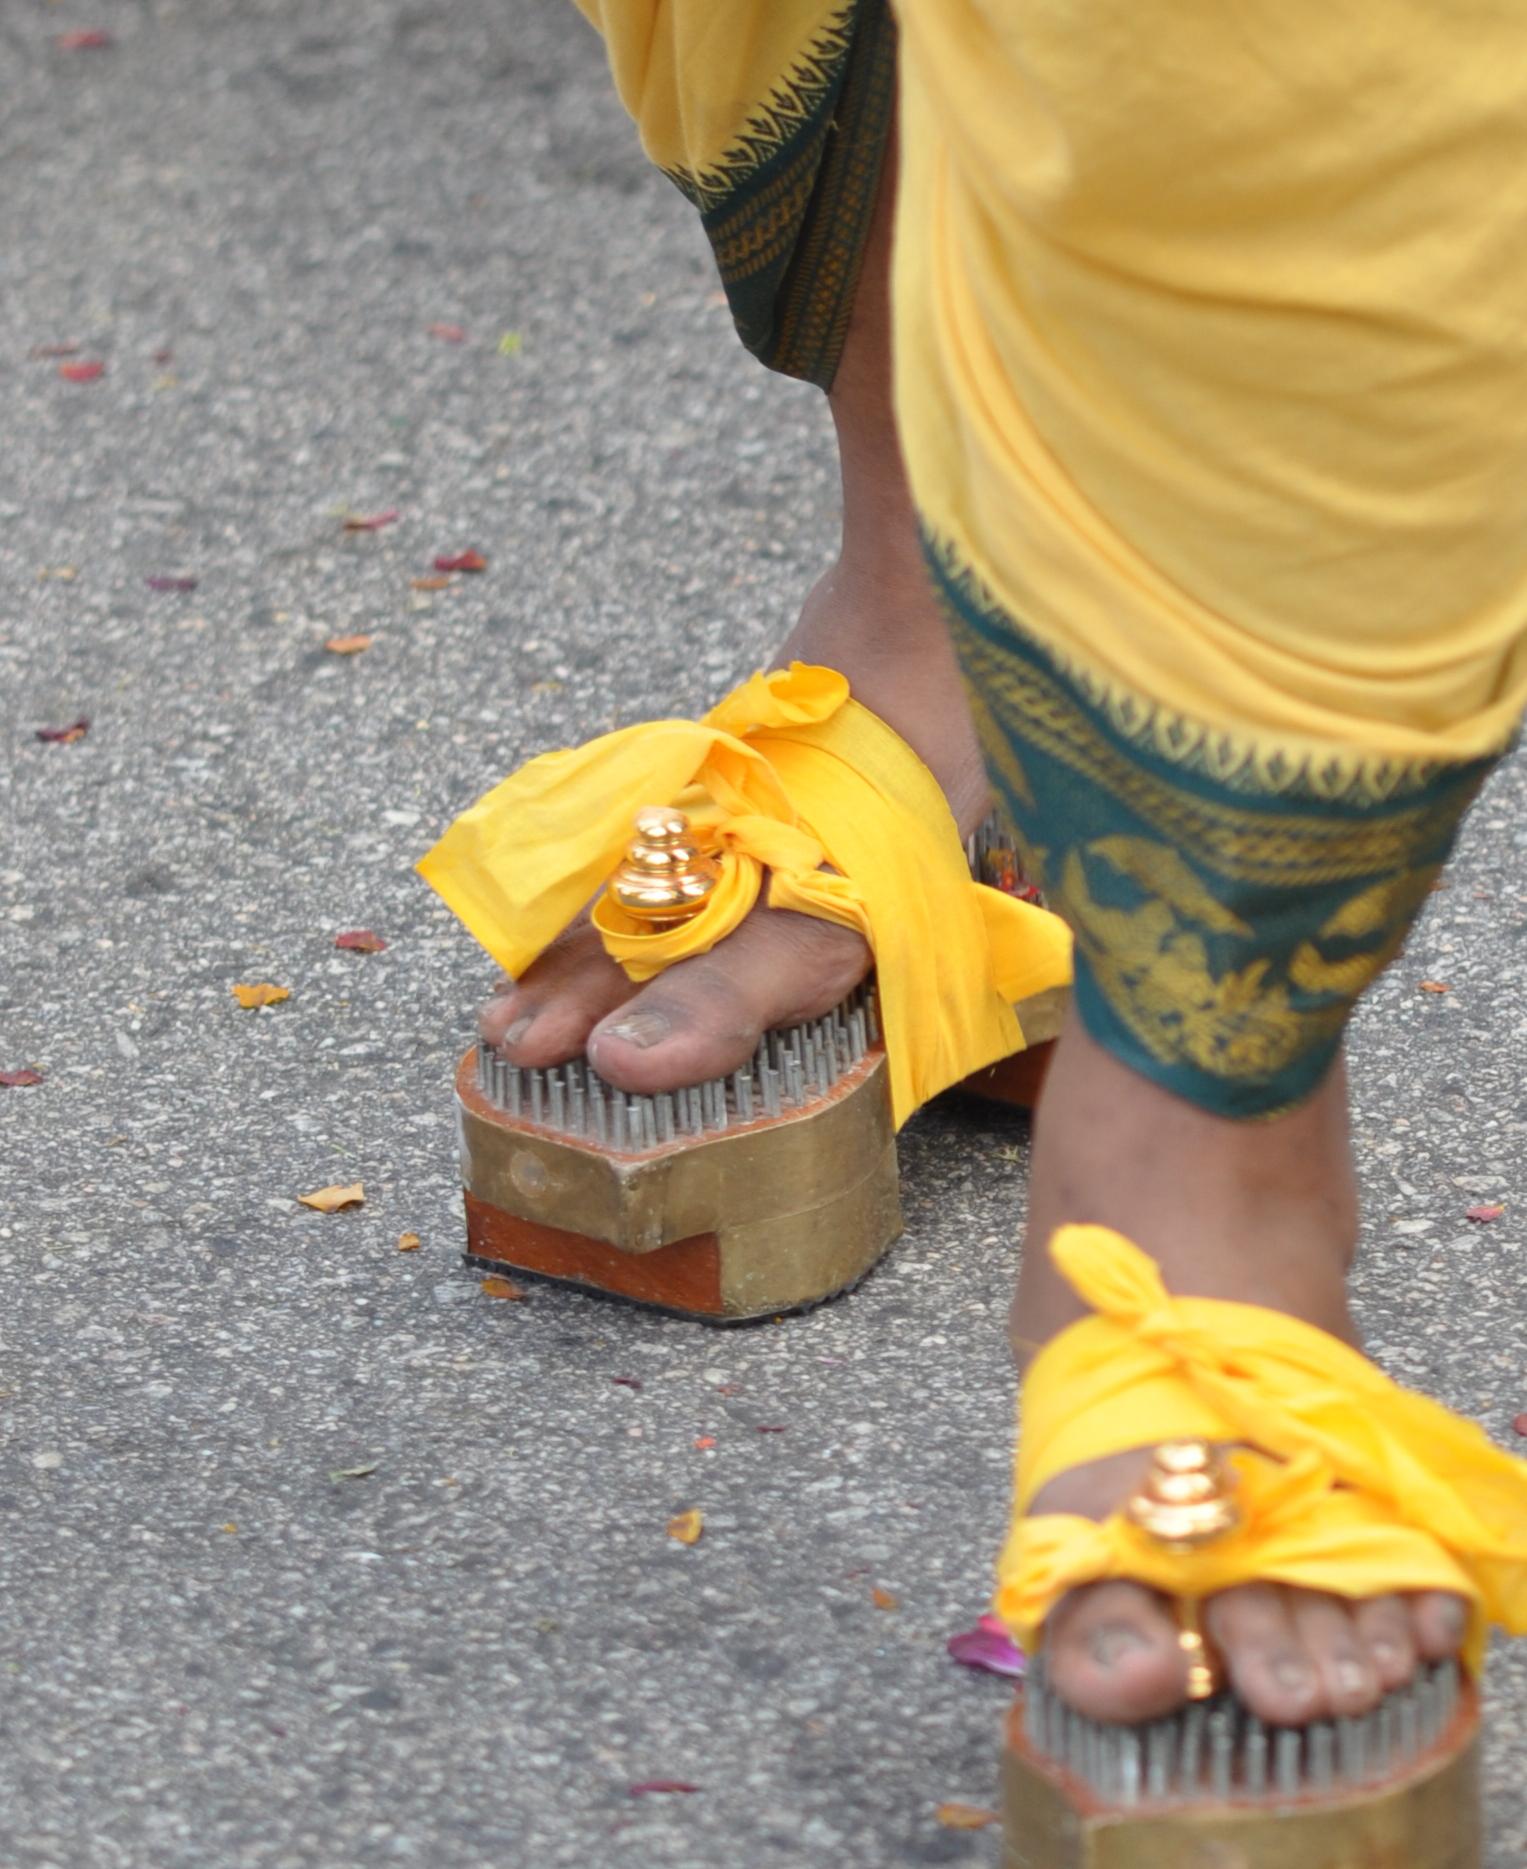 Sandália de pregos. O detalhe que faz toda a diferença. Foto: David Mattatia